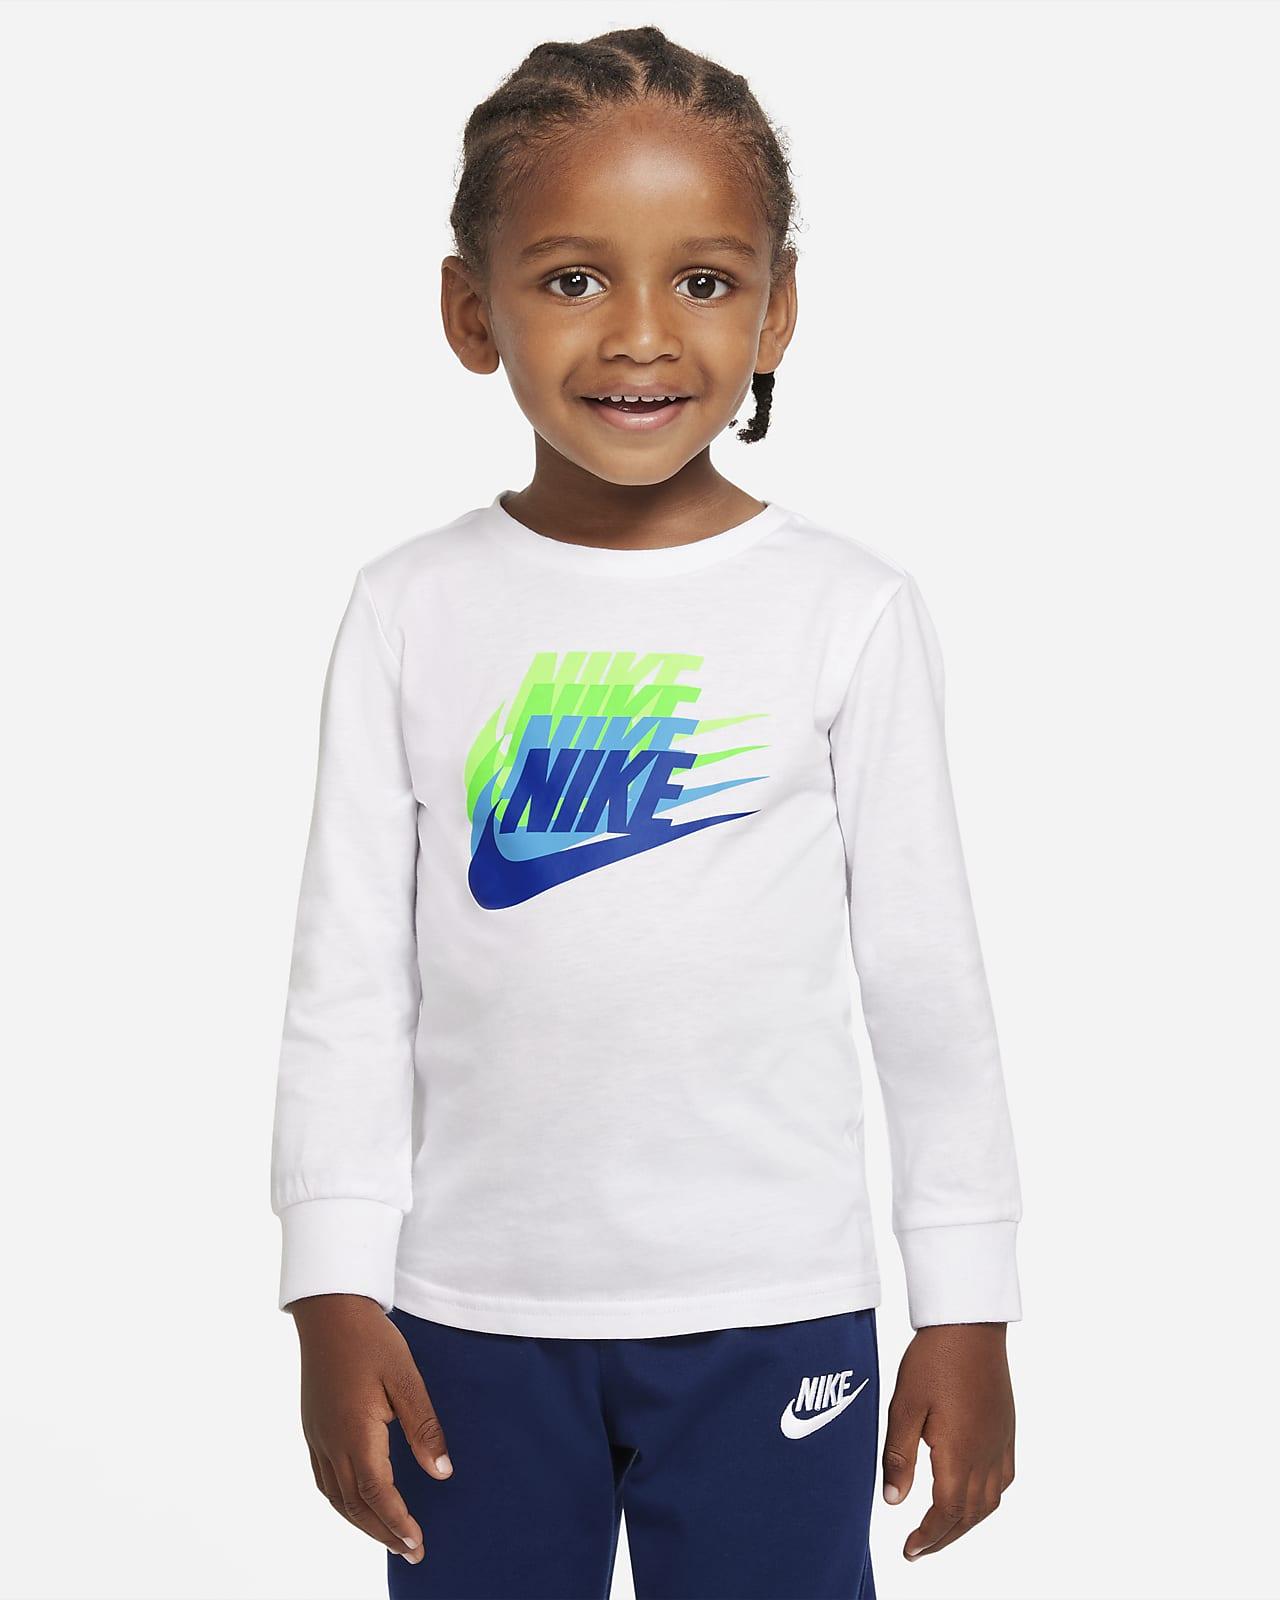 Nike 婴童长袖T恤